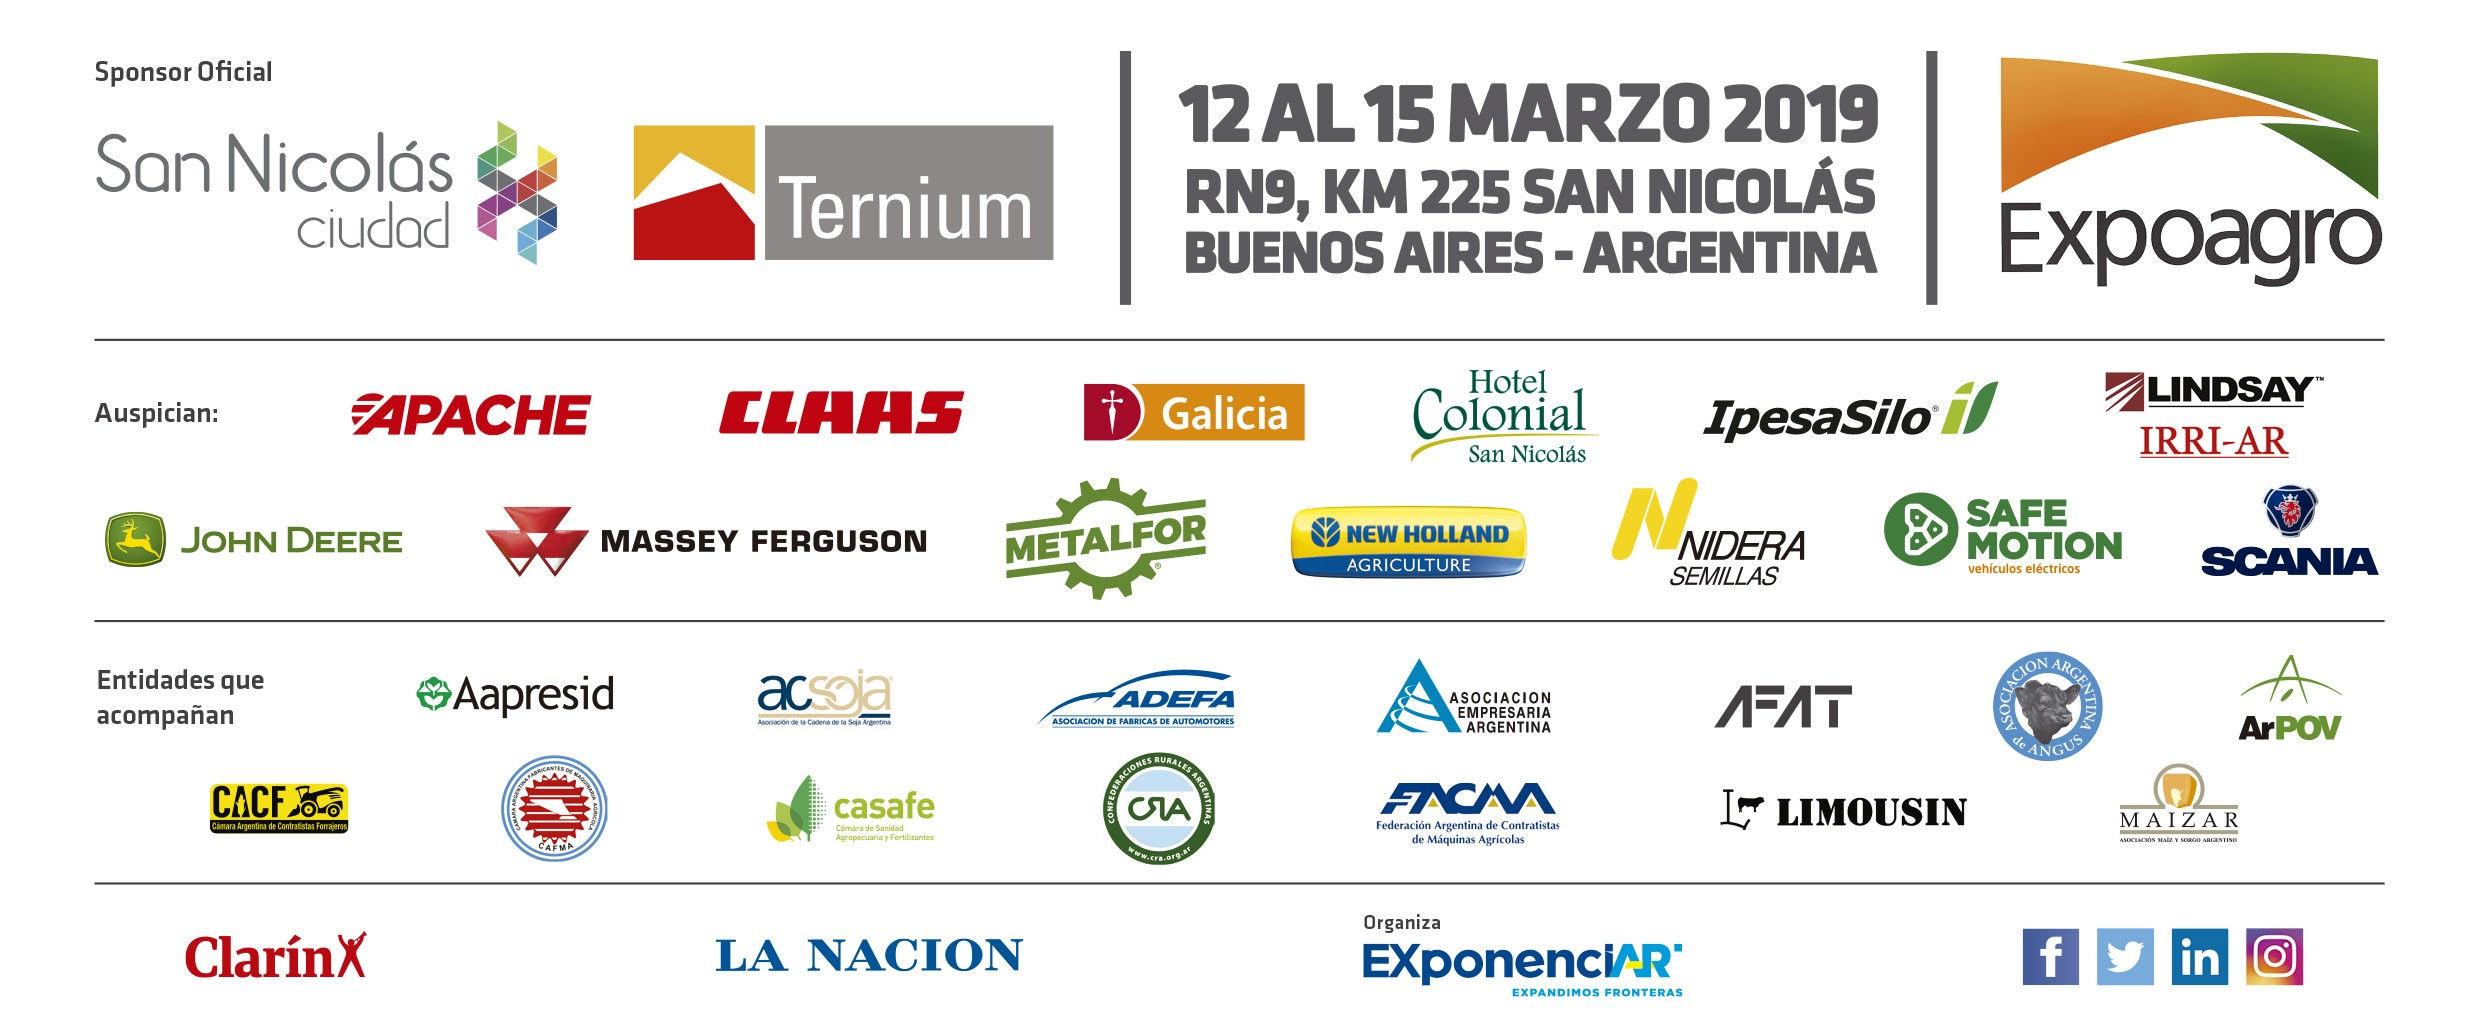 Calendario 2019 En Argentina Más Caliente Expoagro – La Exposici³n Agroindustrial A Campo Abierto Más